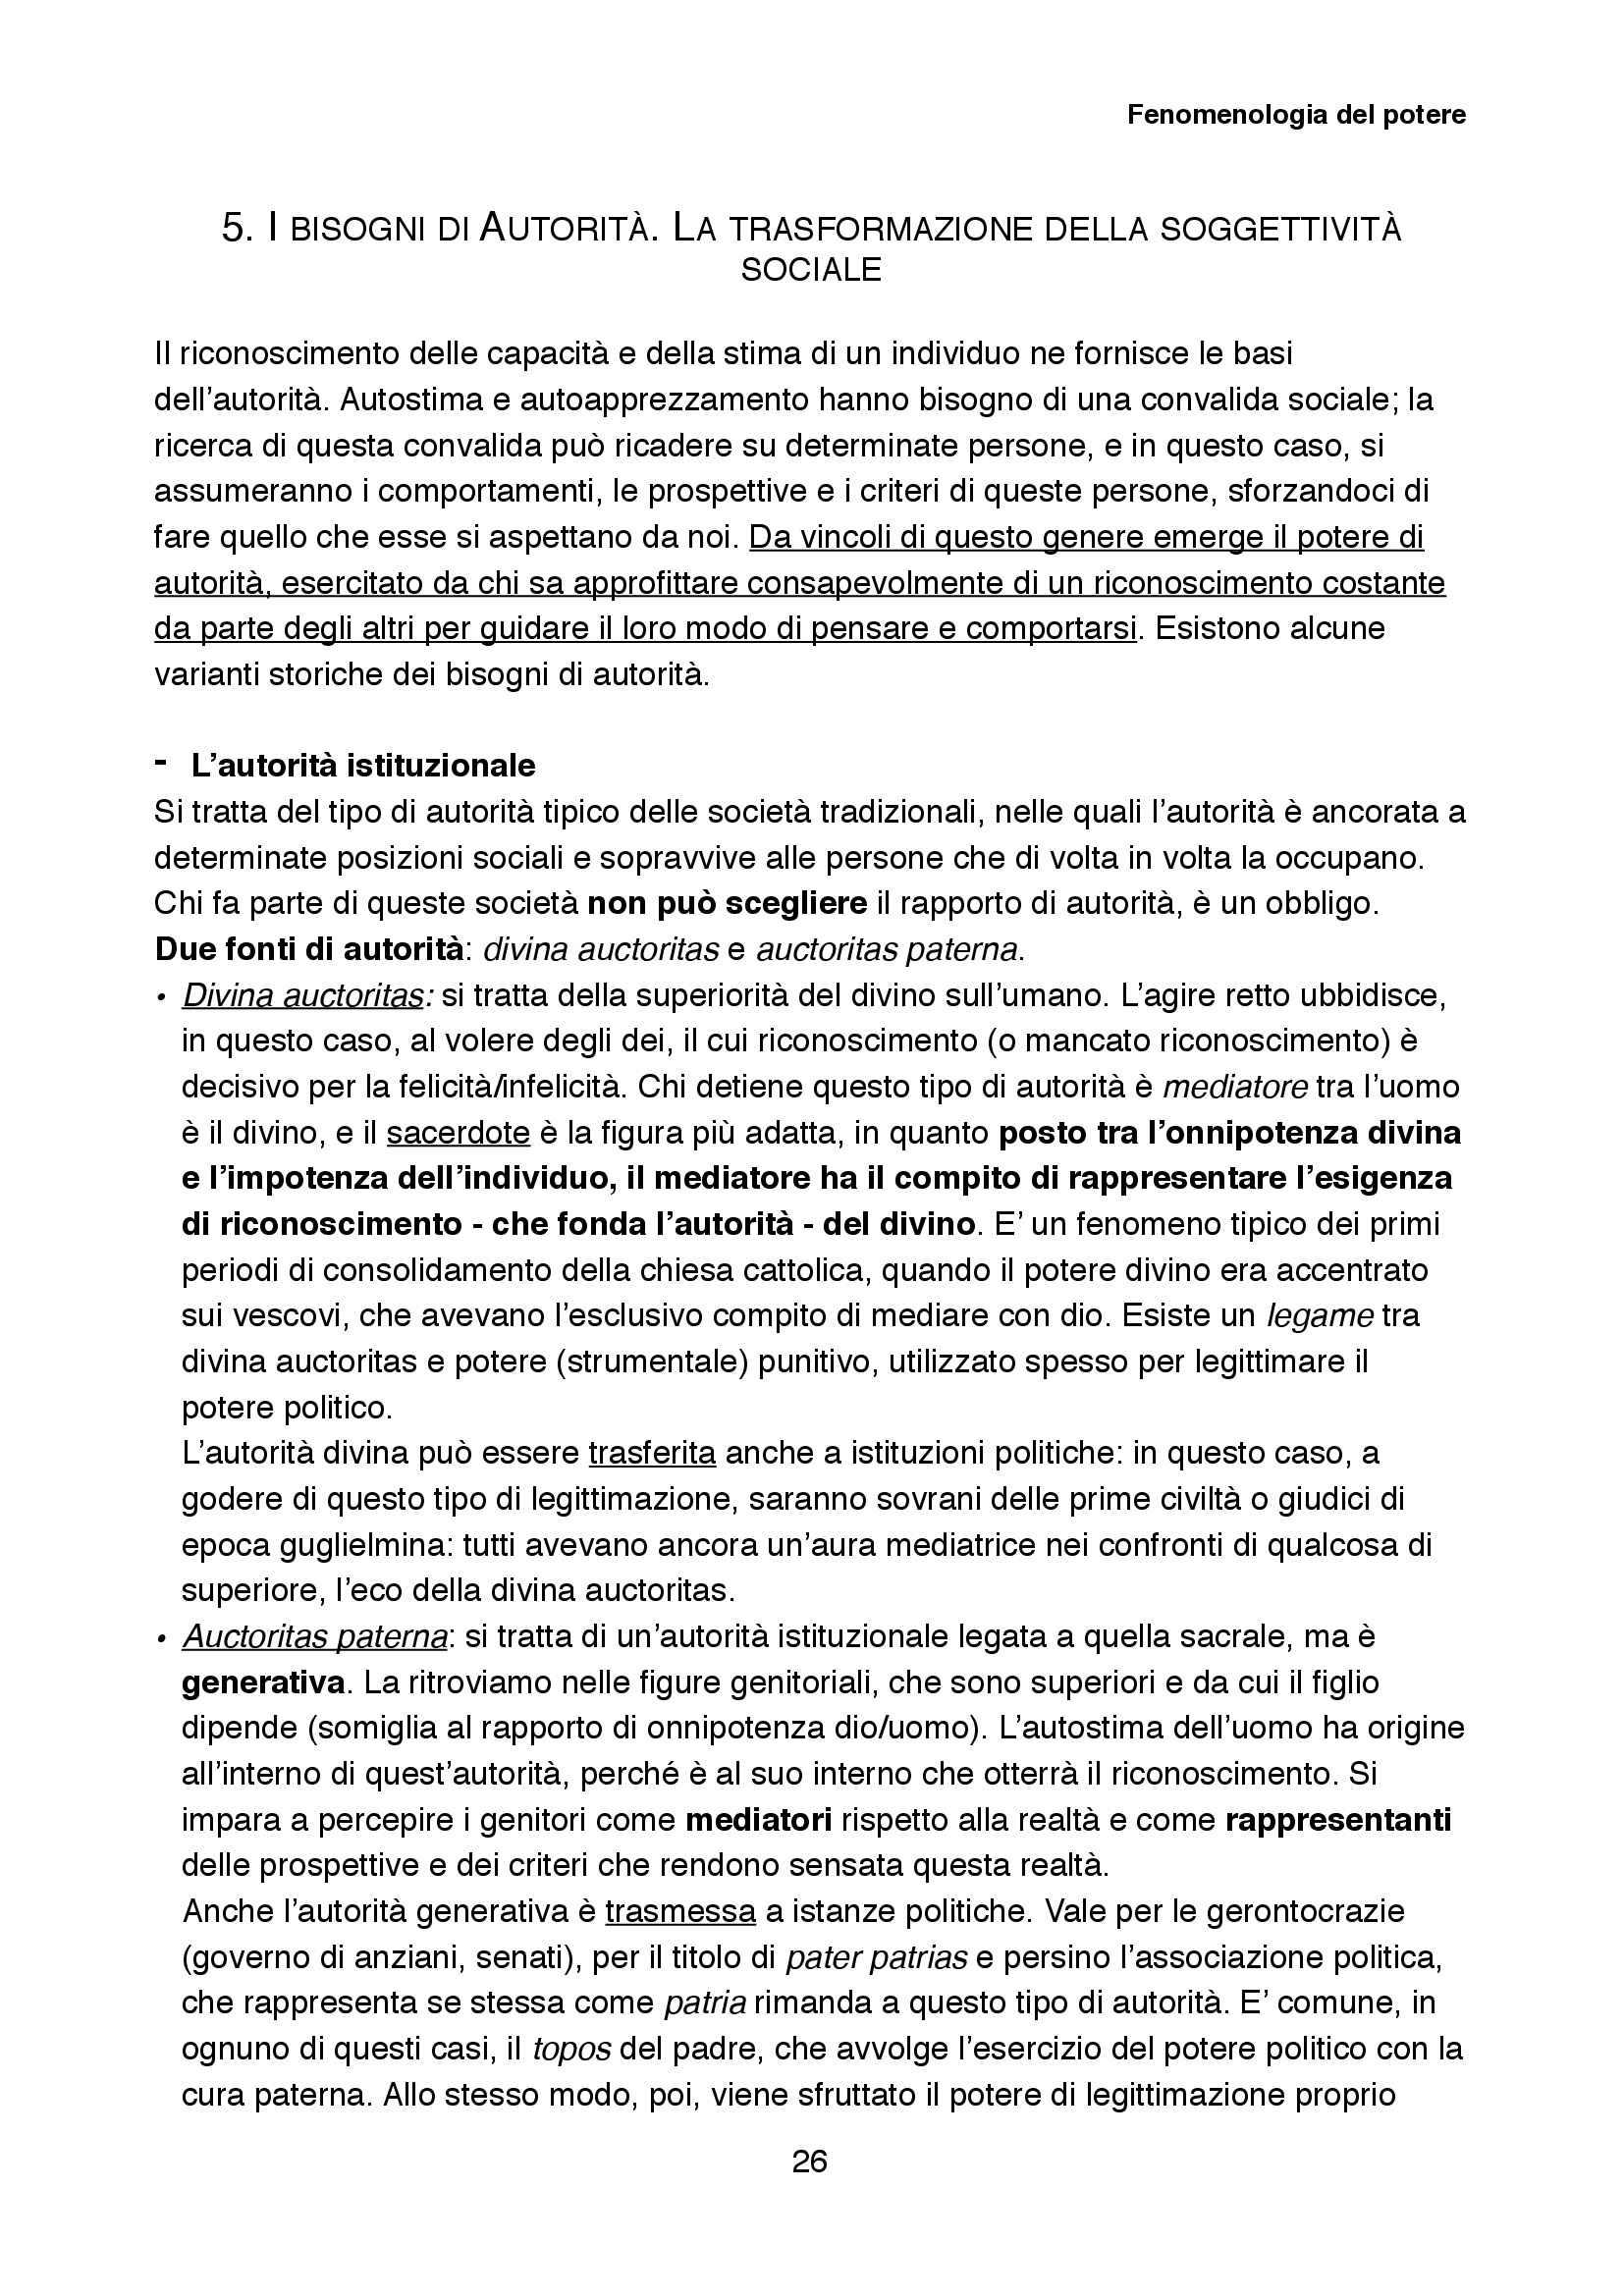 Riassunto esame Sociologia della cultura, prof. Biuso, libro consigliato Fenomenologia del potere, Popitz Pag. 26